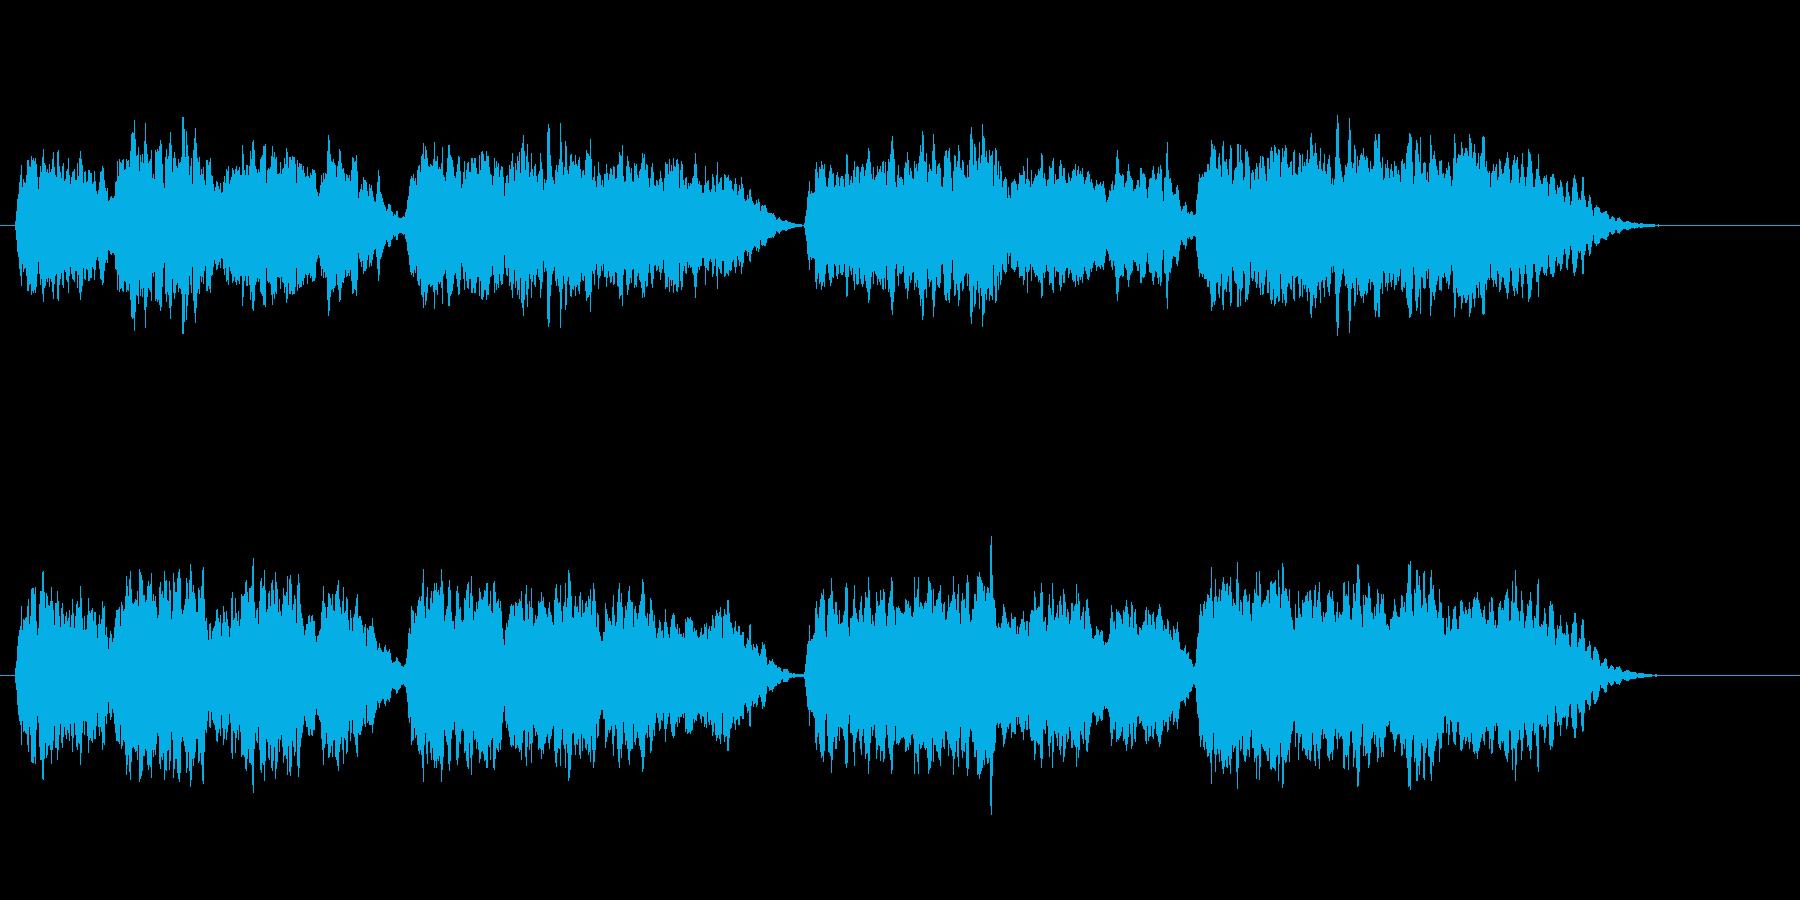 せつない感じのするオーケストラ風の曲ですの再生済みの波形